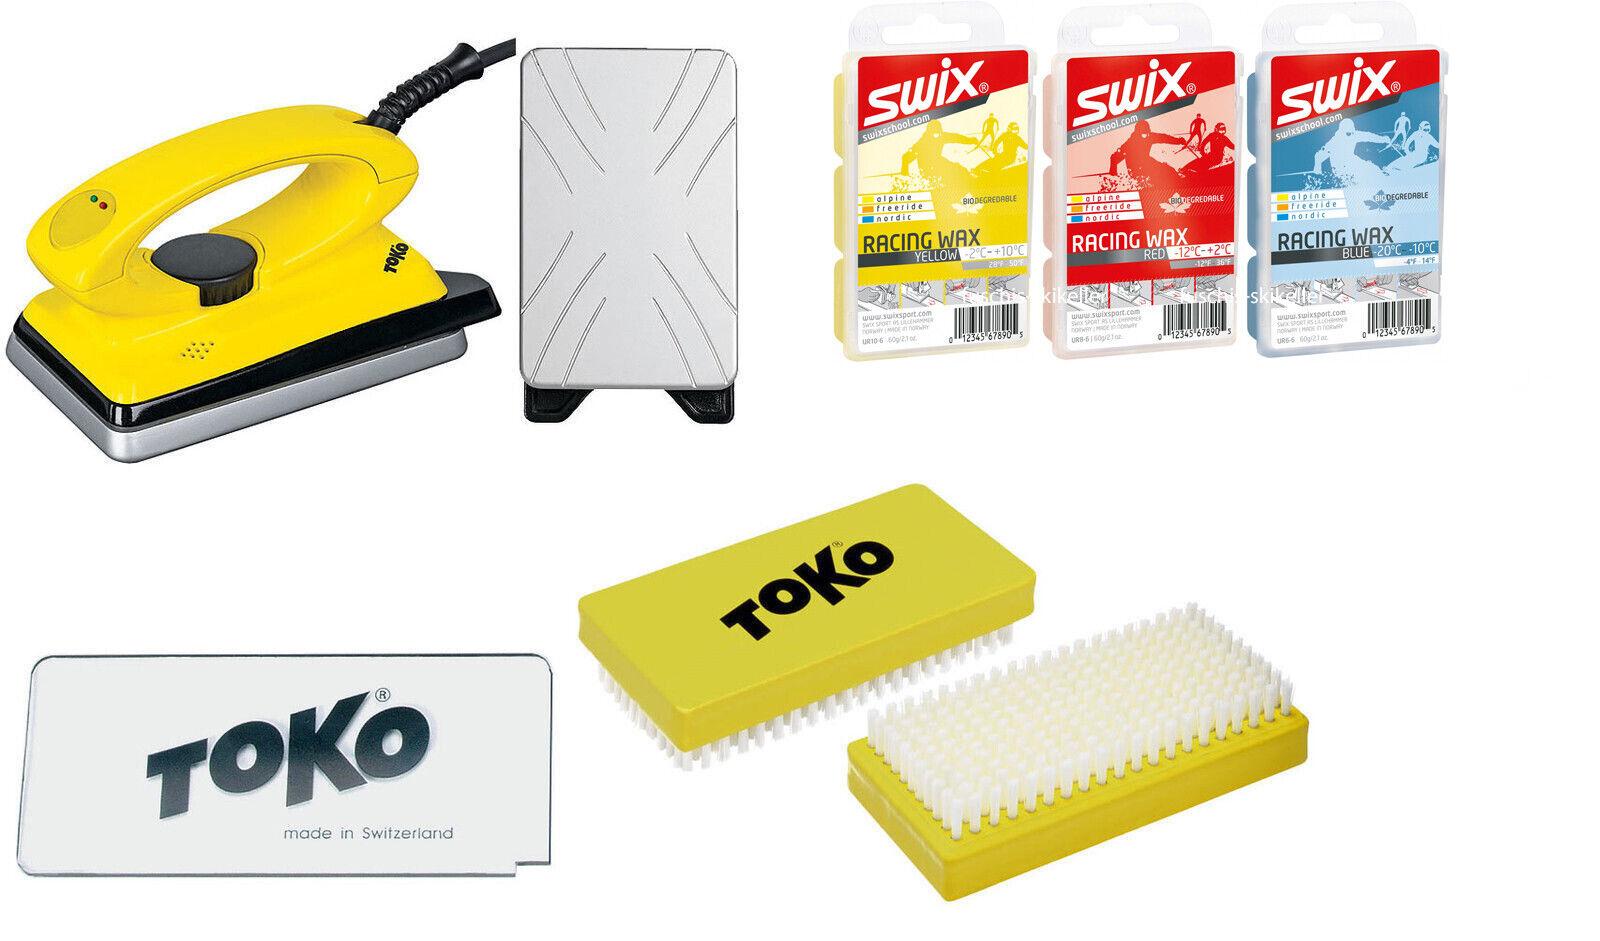 Toko & Swix Skiwax Set  6-teilig mit Bügeleisen ALPIN - NORDIC - BOARD